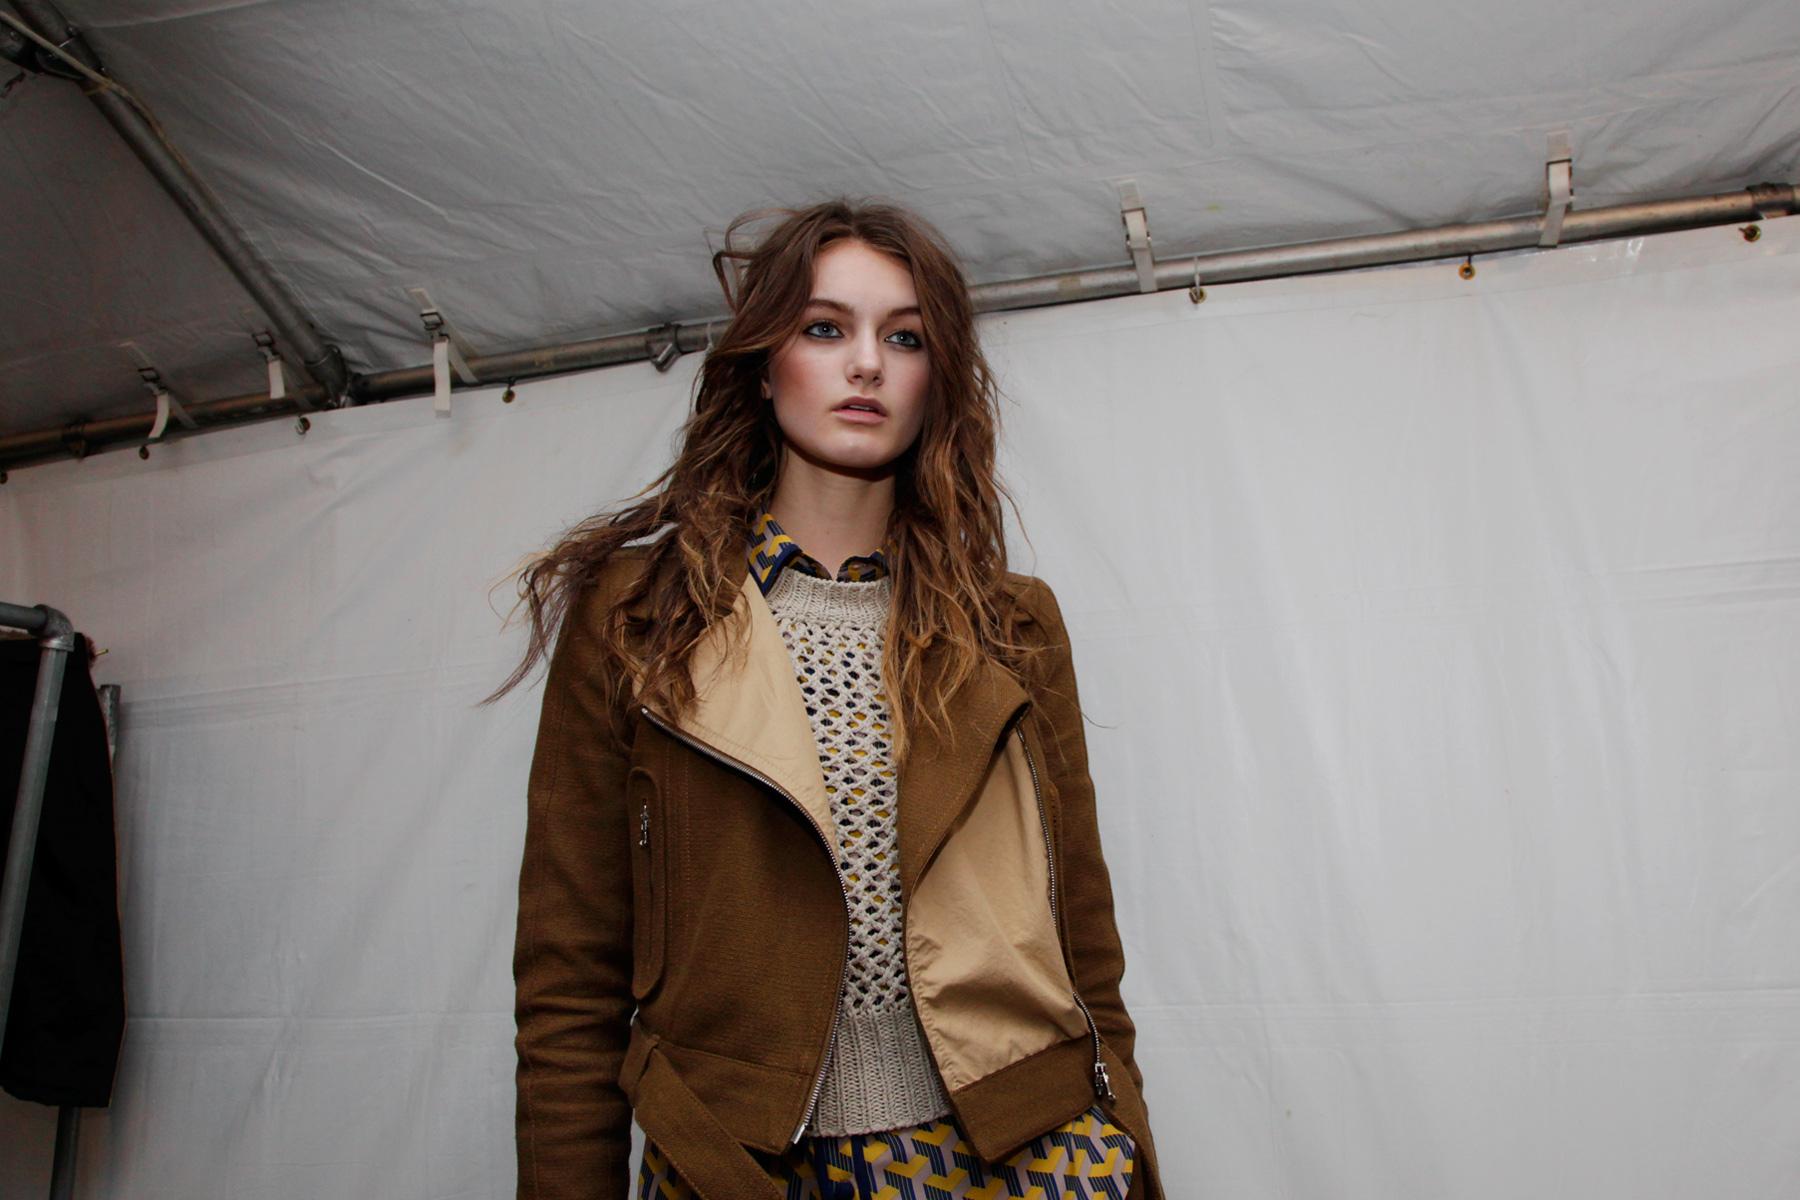 Model backstage at Rag & Bone